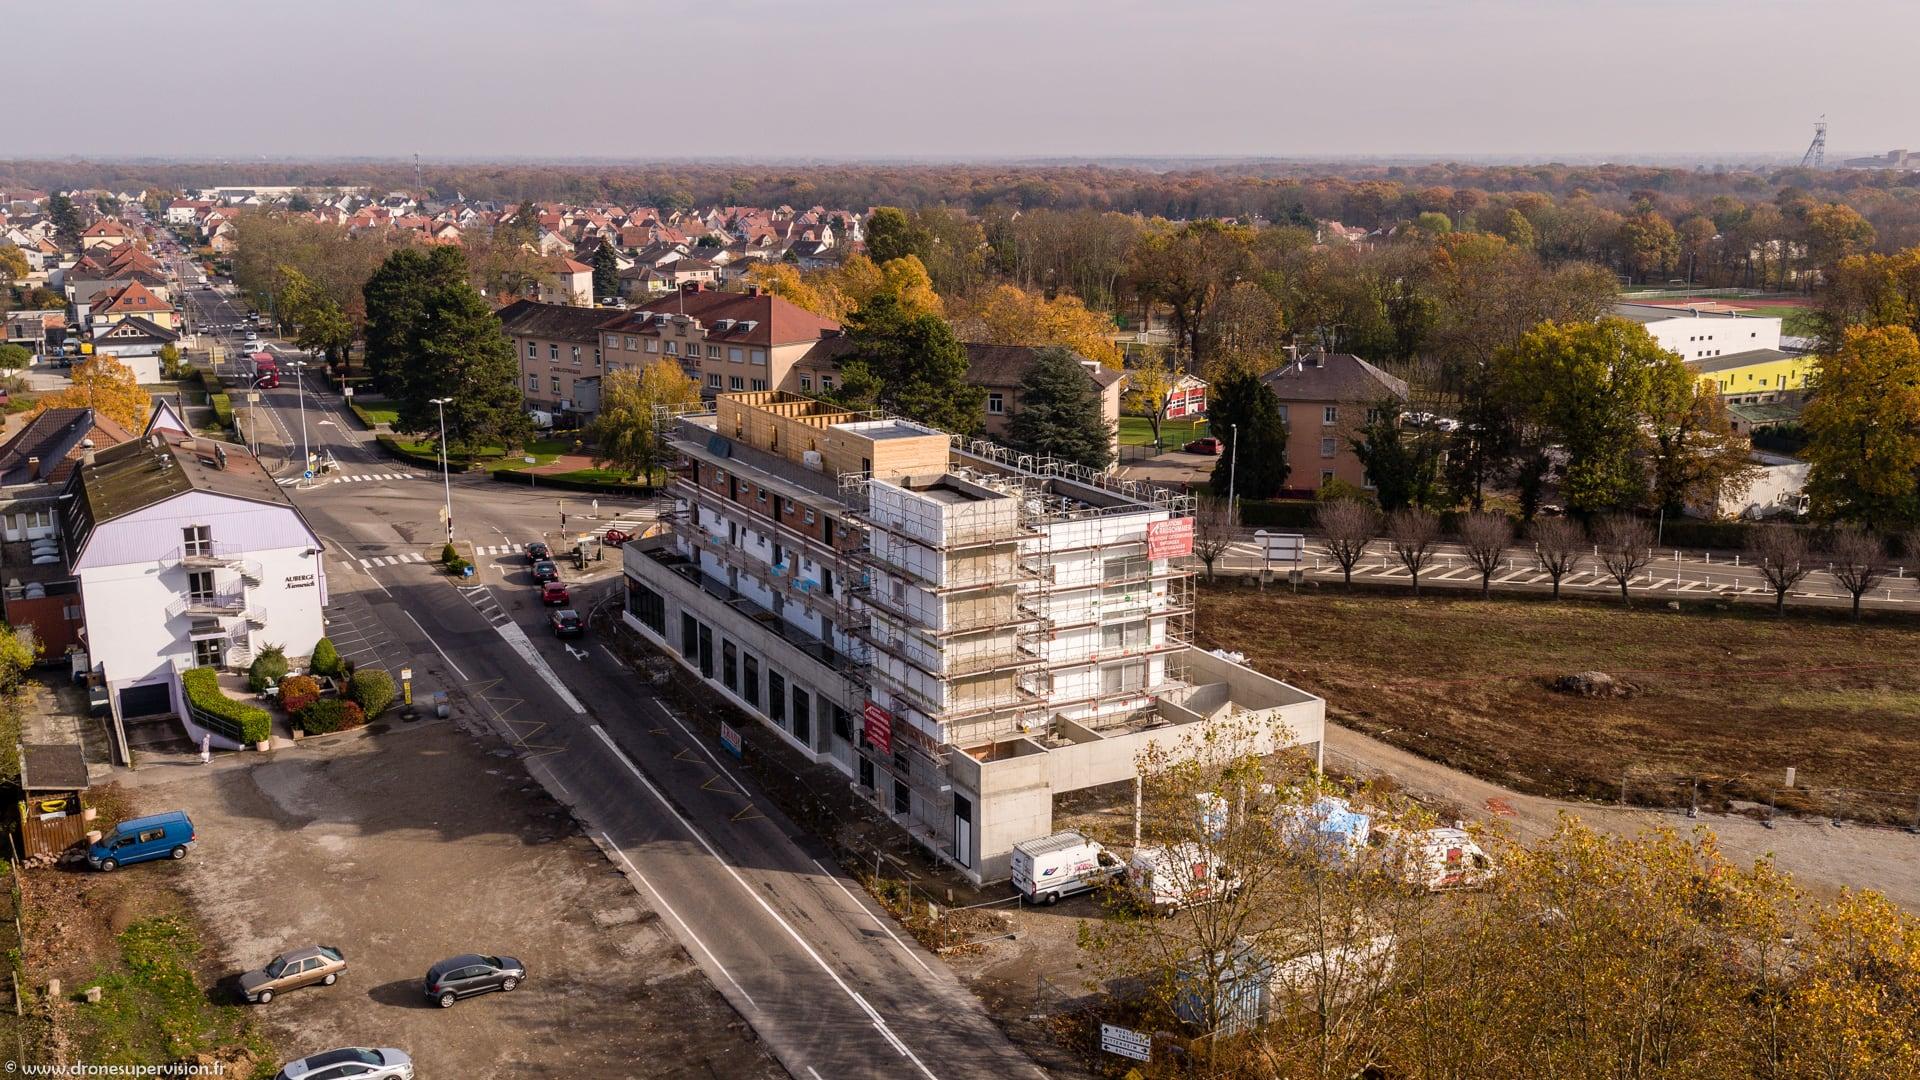 Pullversheim - Drone Supervision - DJI_0755-1